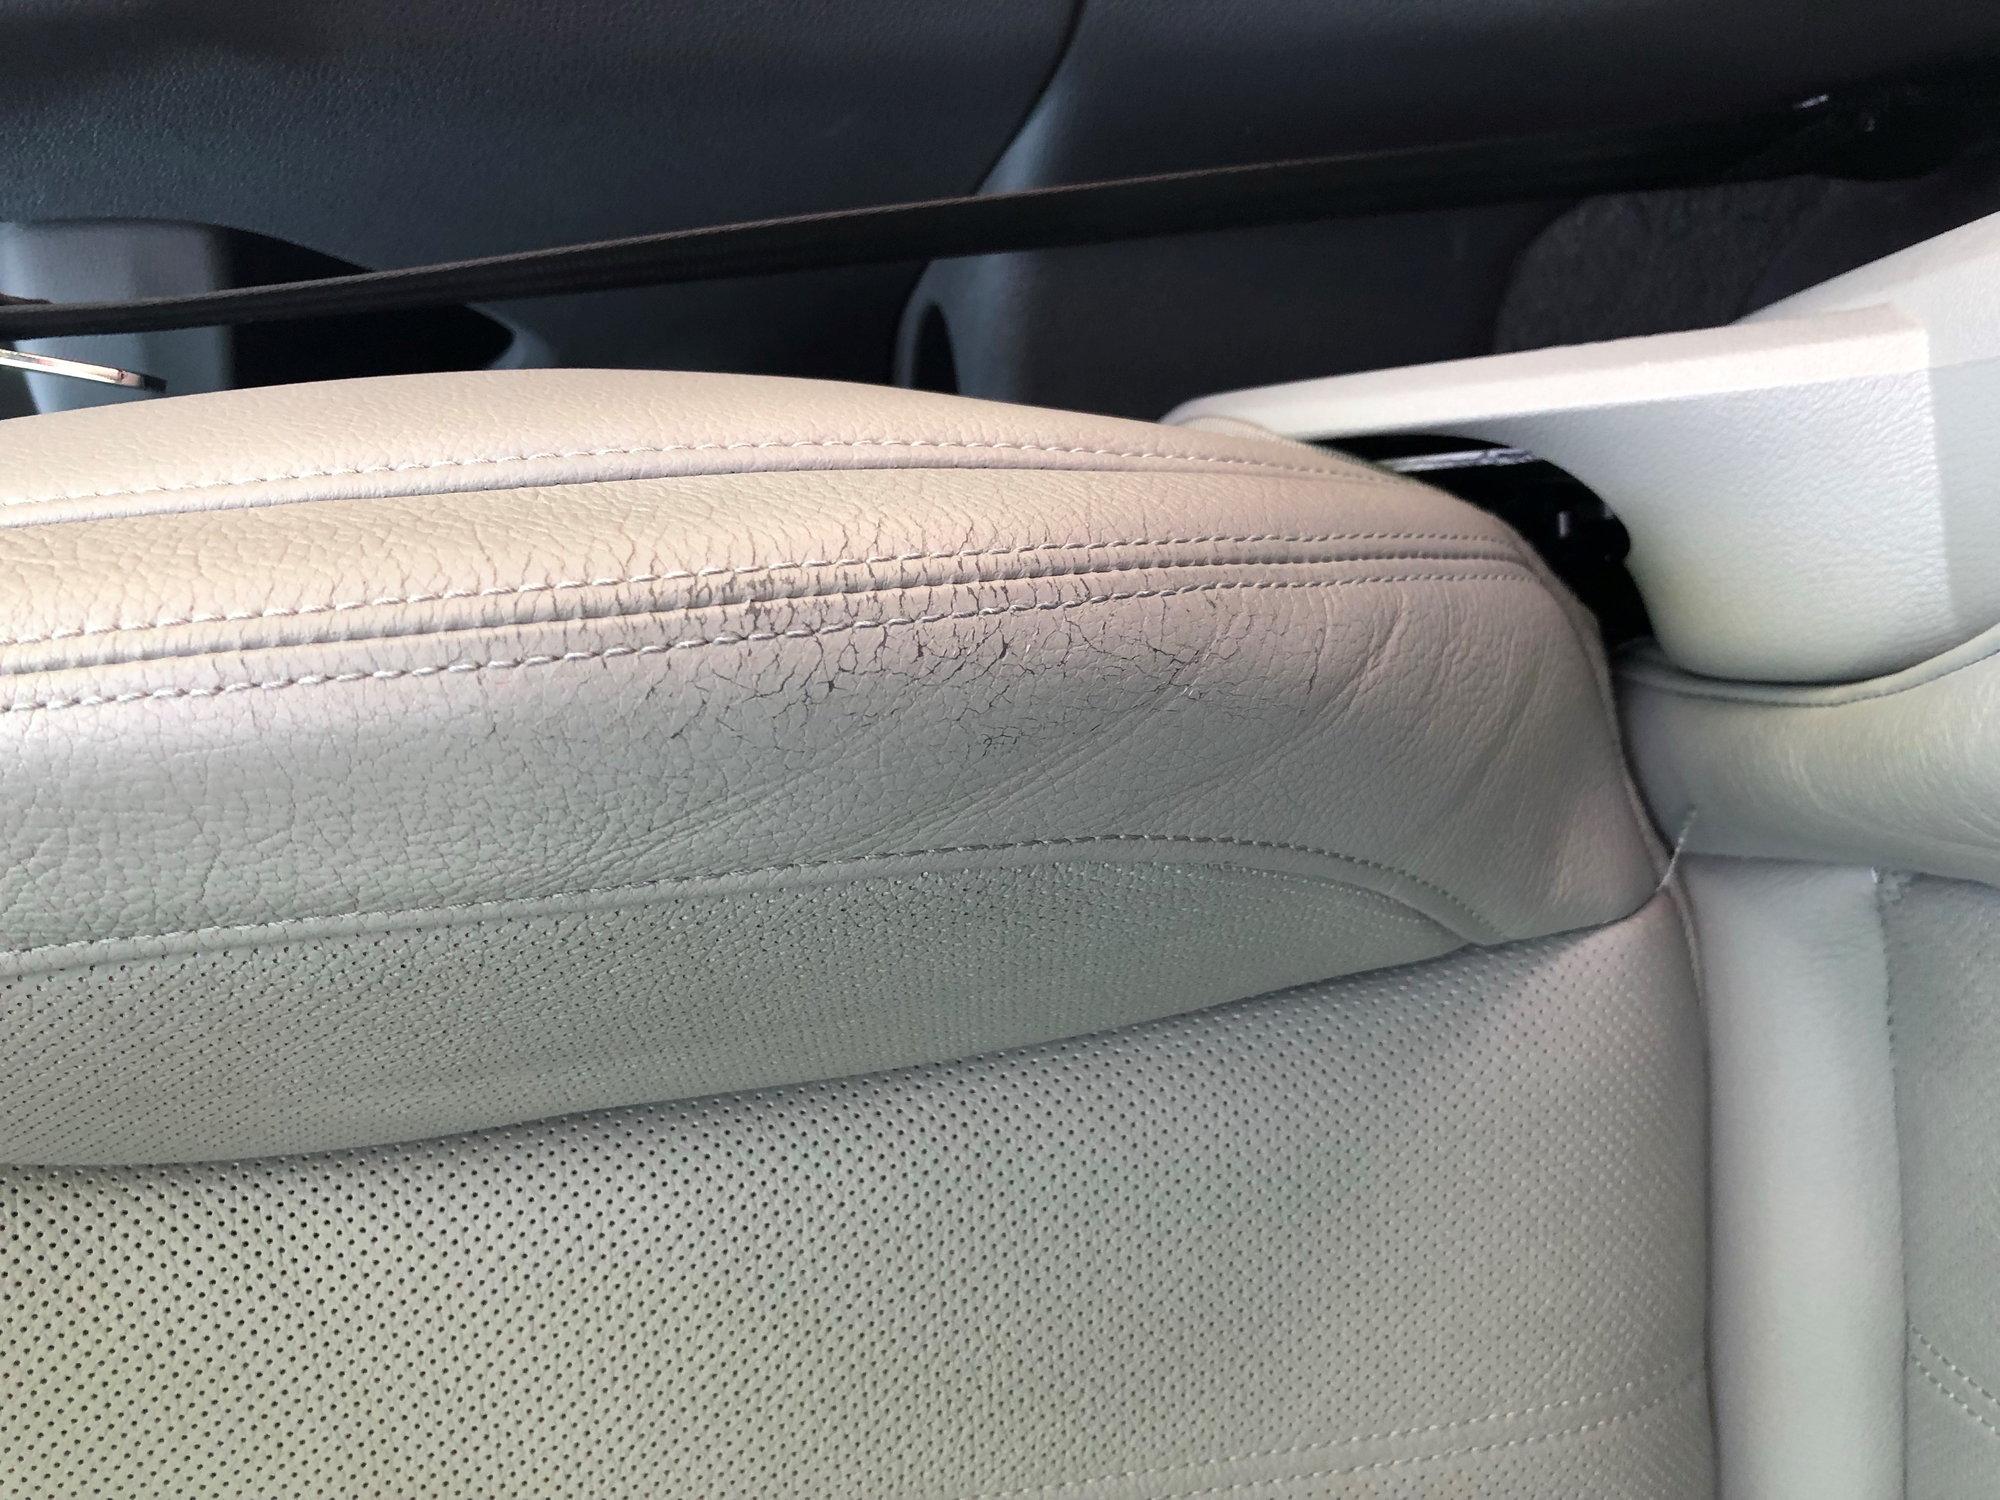 Seat Cracking And Peeling Anyone Else Audiworld Forums